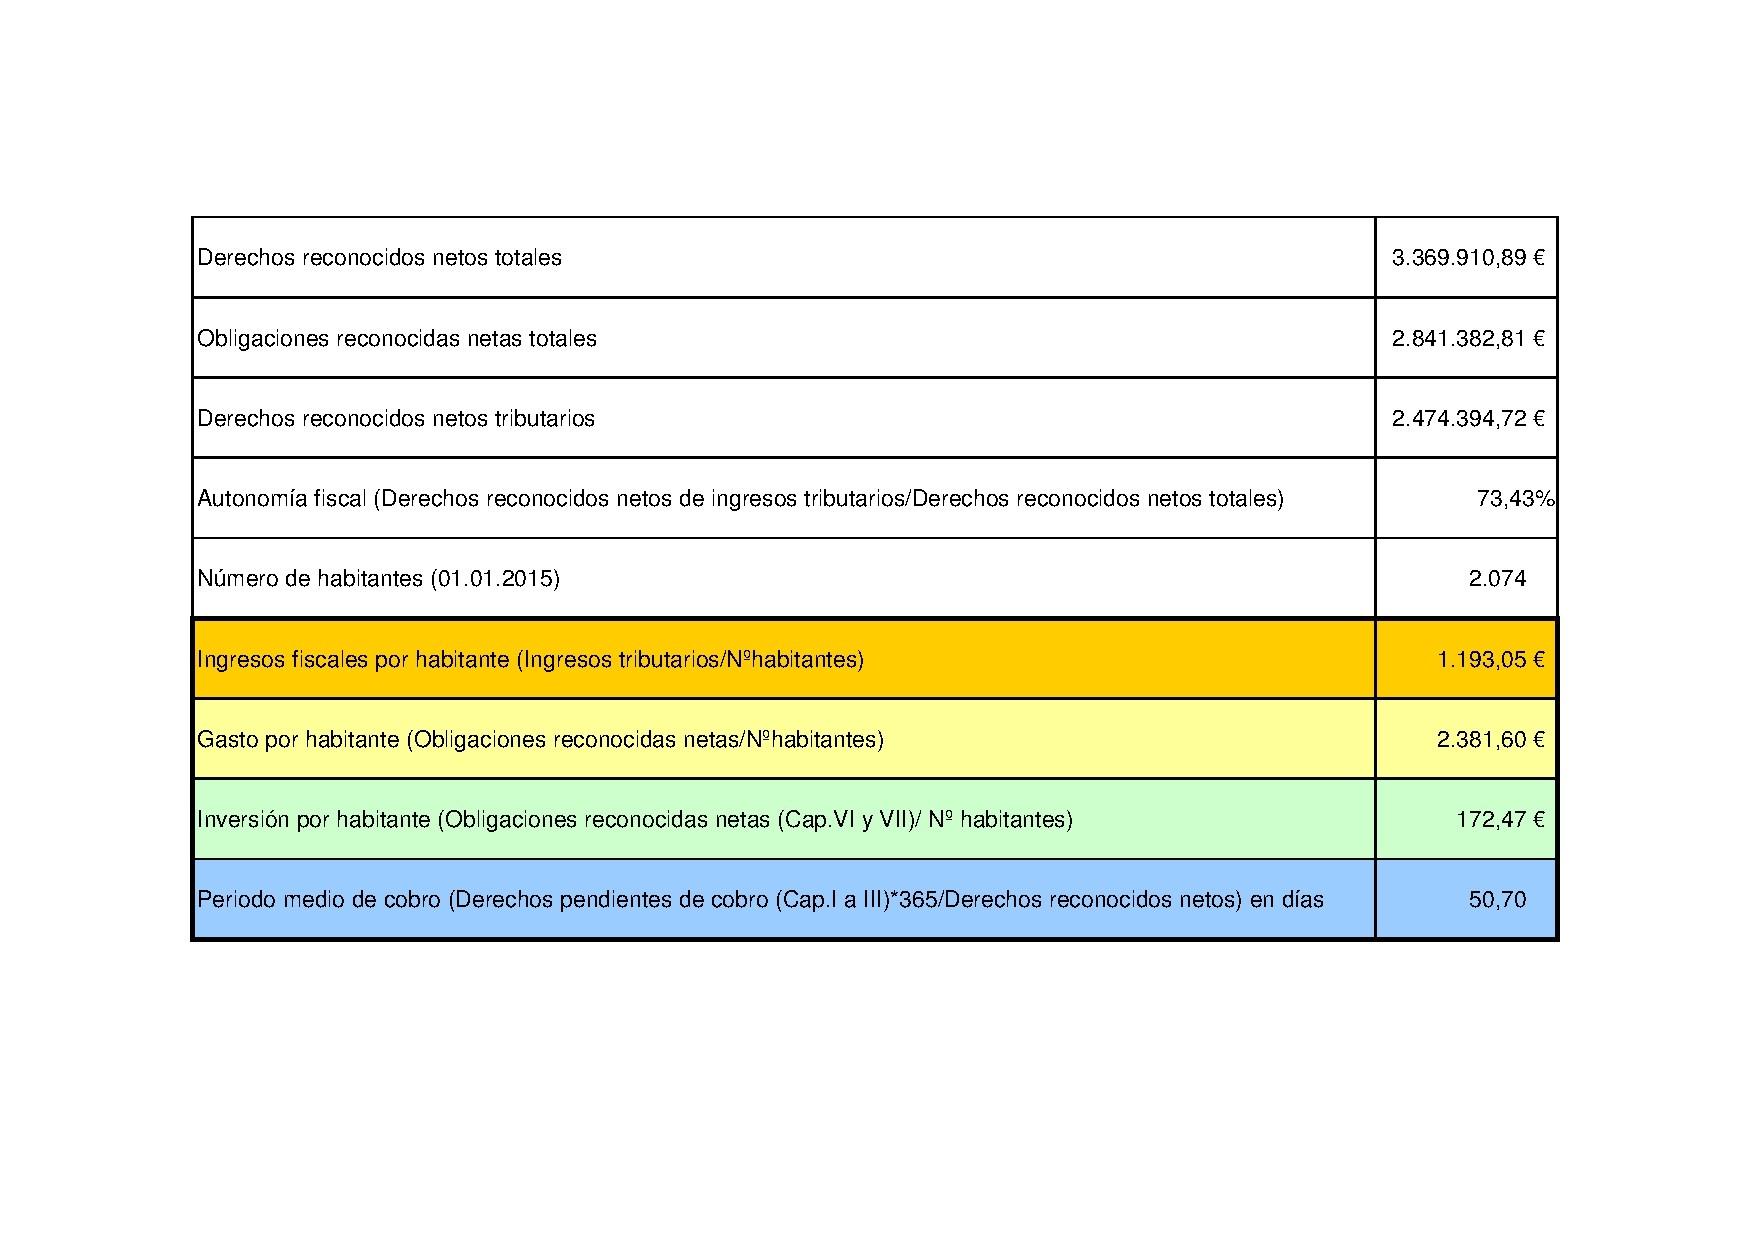 Ejercicio 2015. Ingresos, gastos, inversión por habitante y periodo medio cobro.pdf